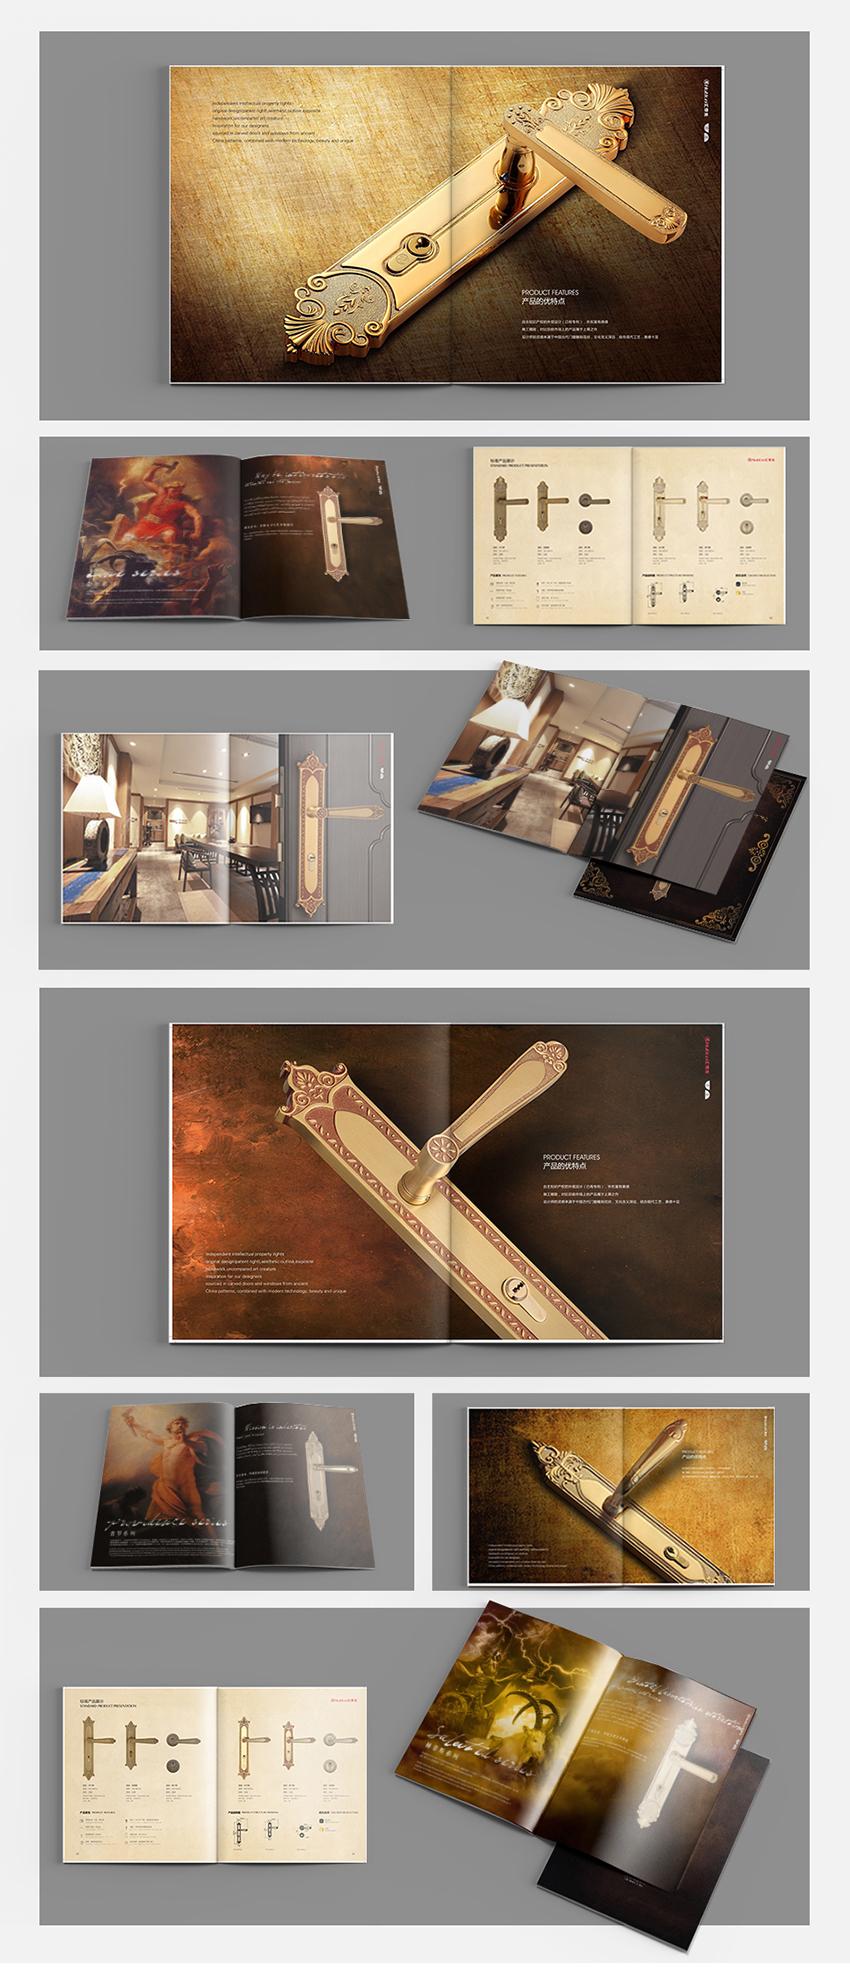 伽马龙品牌画册设计-汇泰龙古典锁画册.jpg